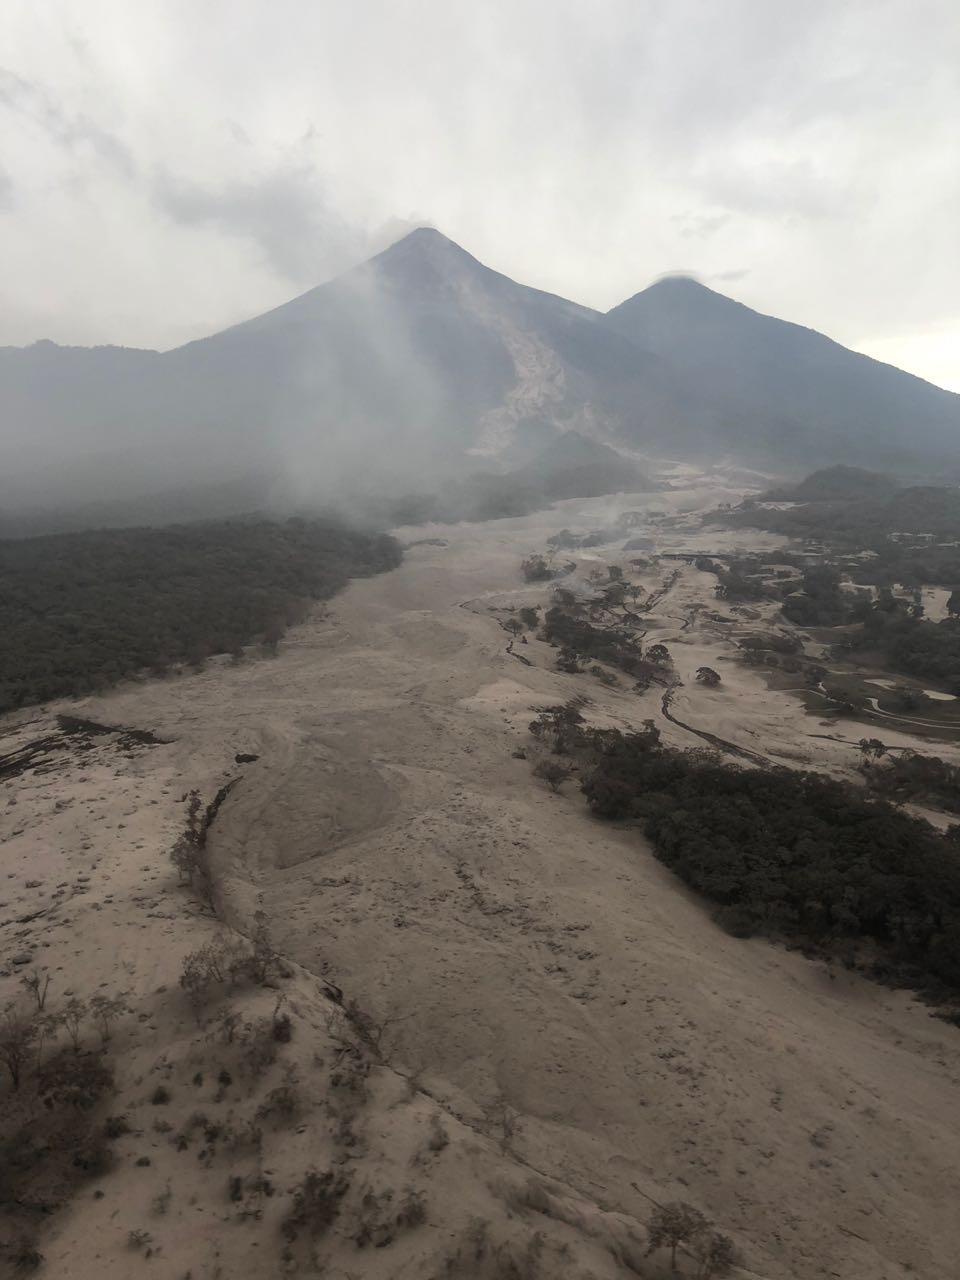 Situación de emergencia por la erupción del Volcán de Fuego en Guatemala